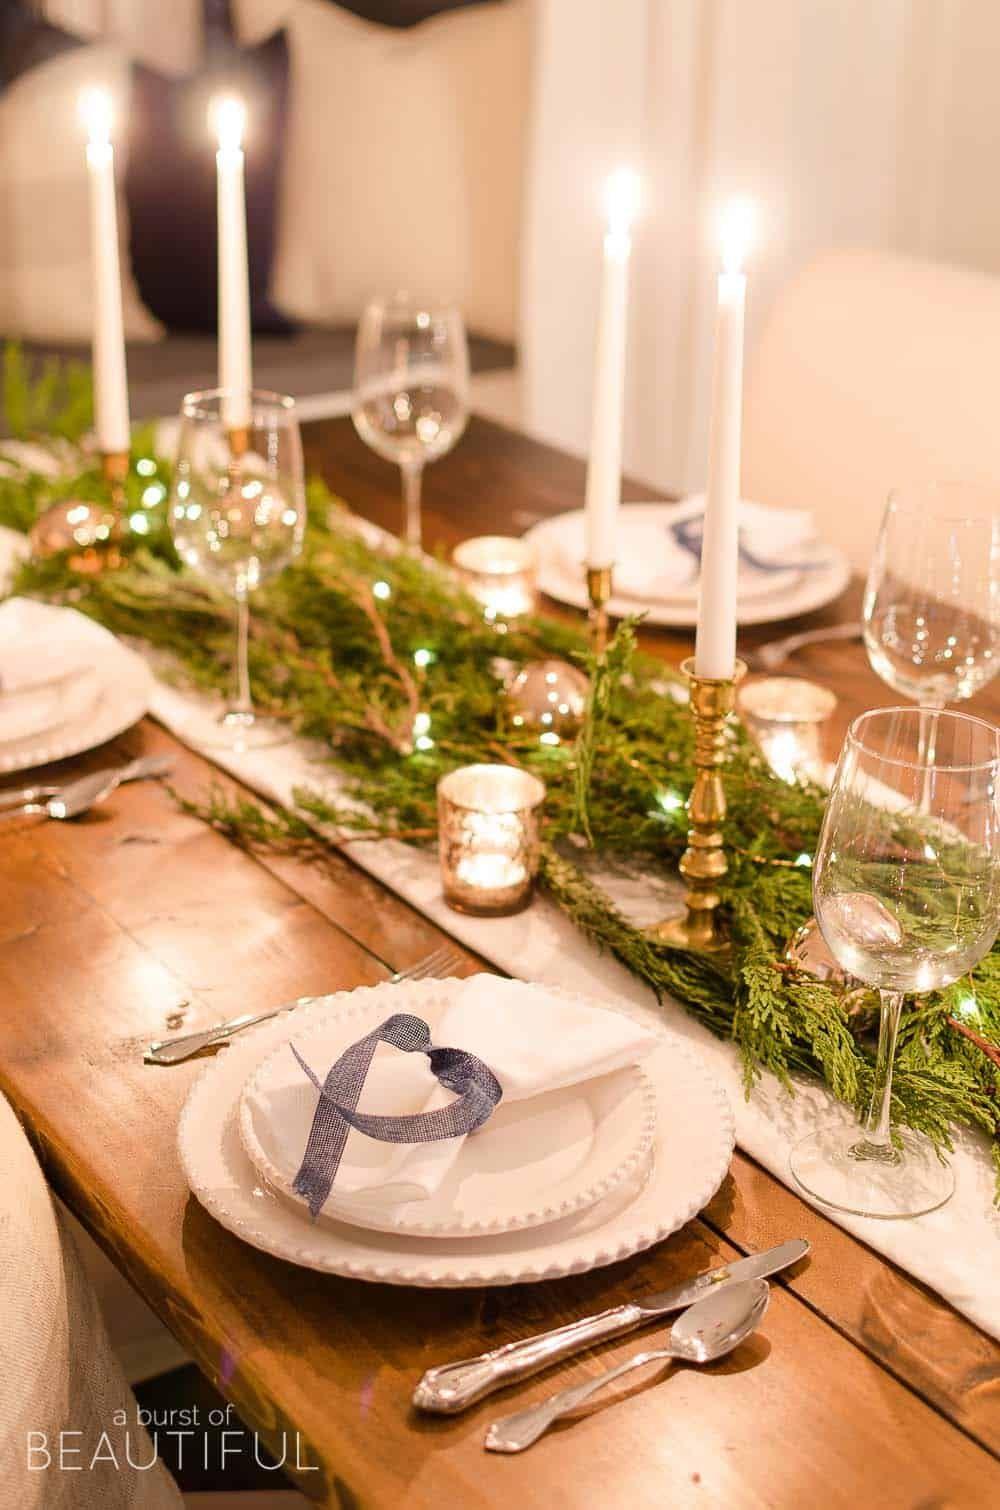 Christmas Table Decoration Ideas Christmas Decorations Dinner Table Christmas Dinner Table Dinner Table Decor